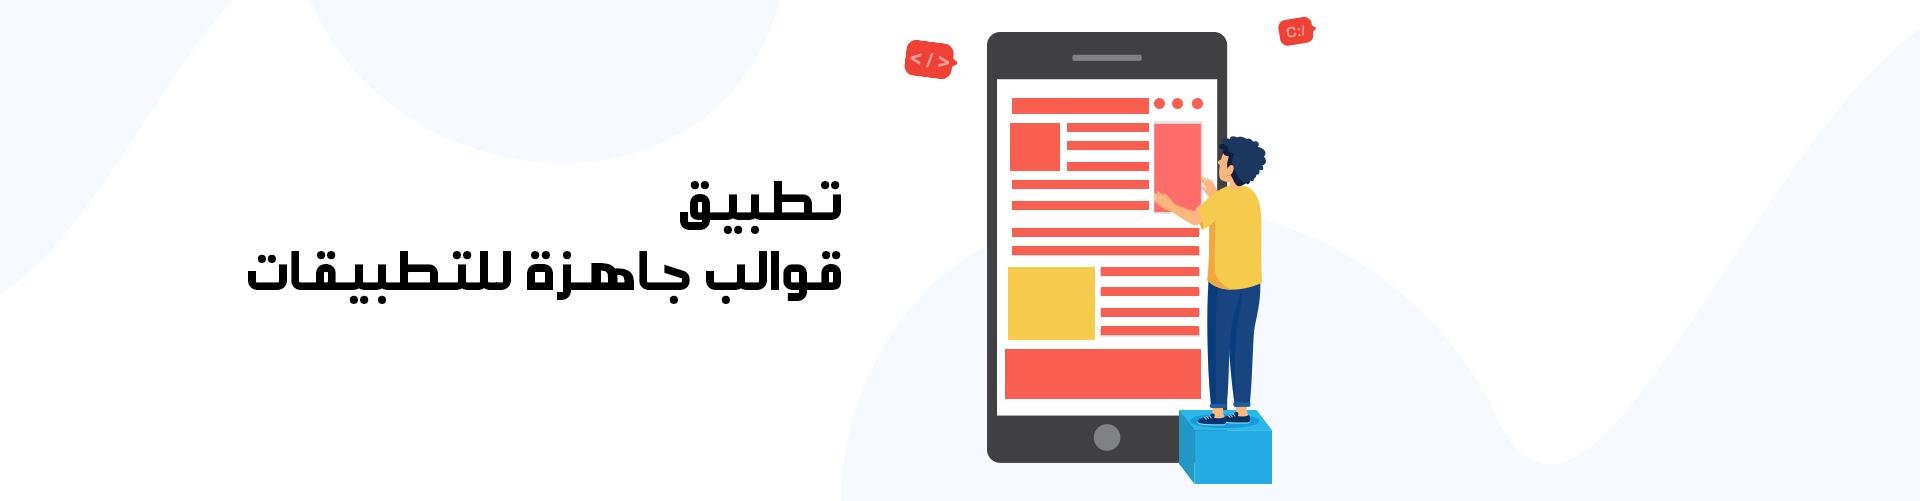 تطبيق قوالب جاهزة للتطبيقات